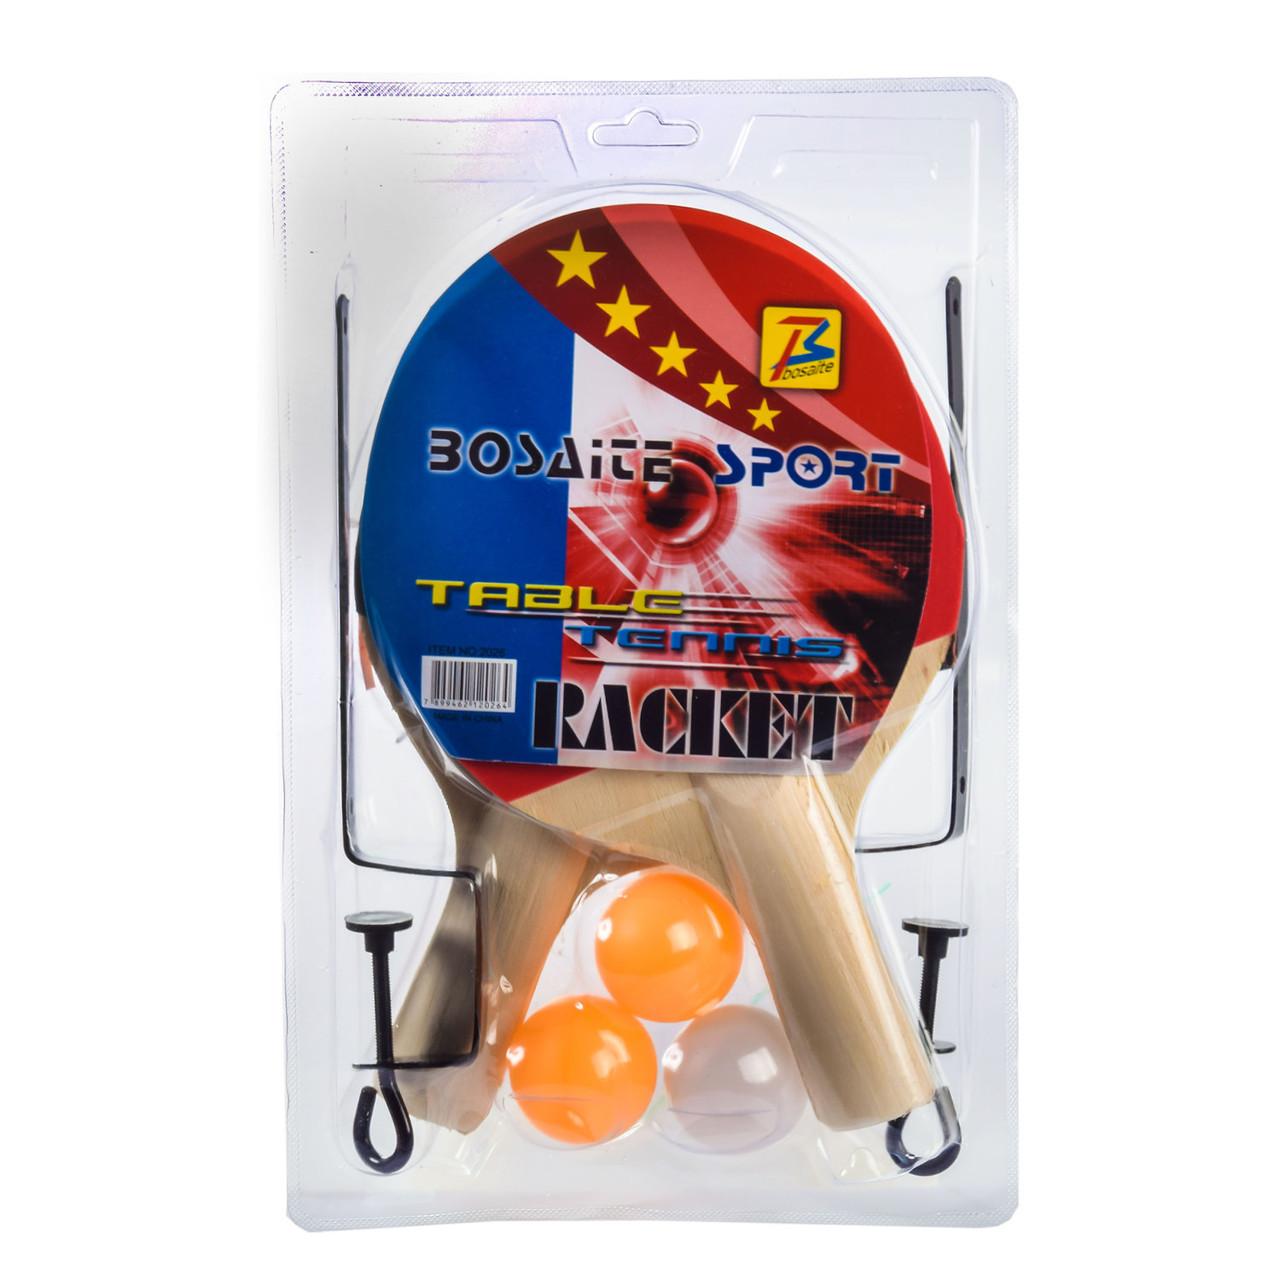 Теннис настольный  E33336 (50 шт) 2 ракетки, 3 мячика в слюде с сеткой, в слюде 28*18 см